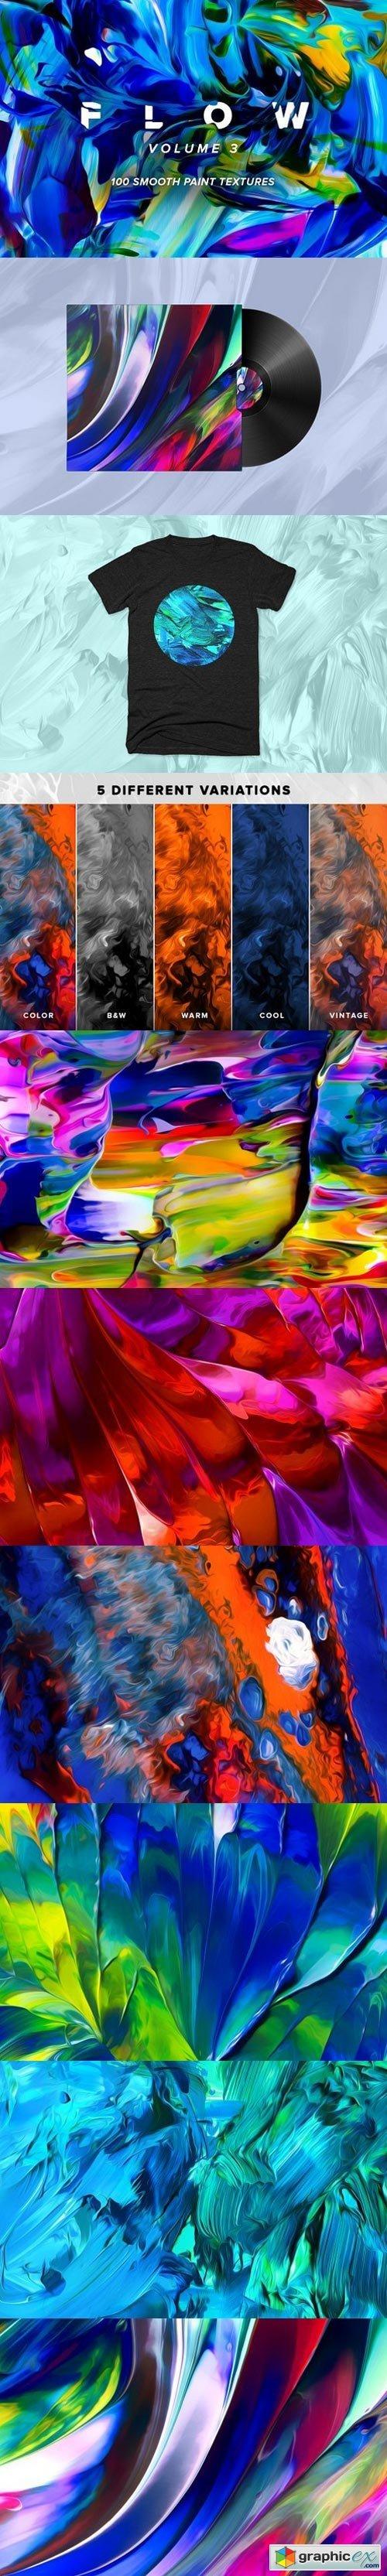 Flow, Vol. 3: 100 fluid paintings